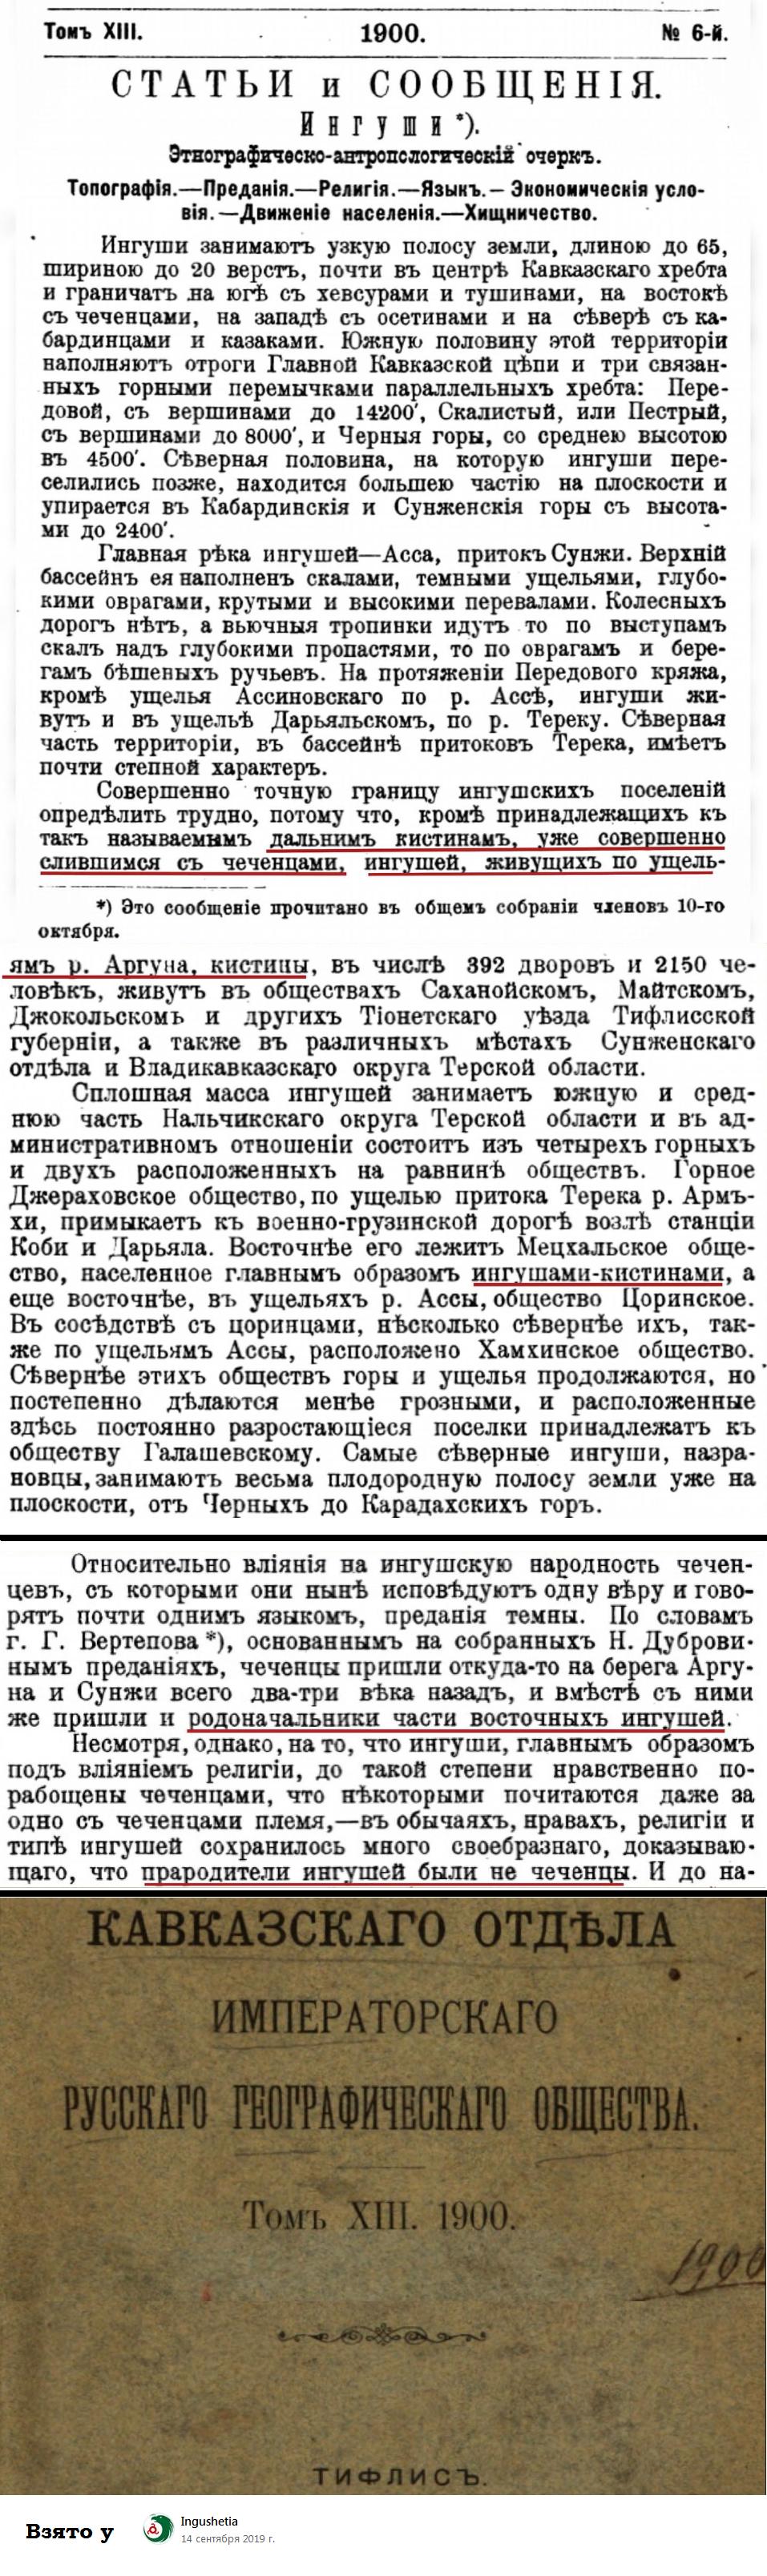 чечено ингушская республика википедия